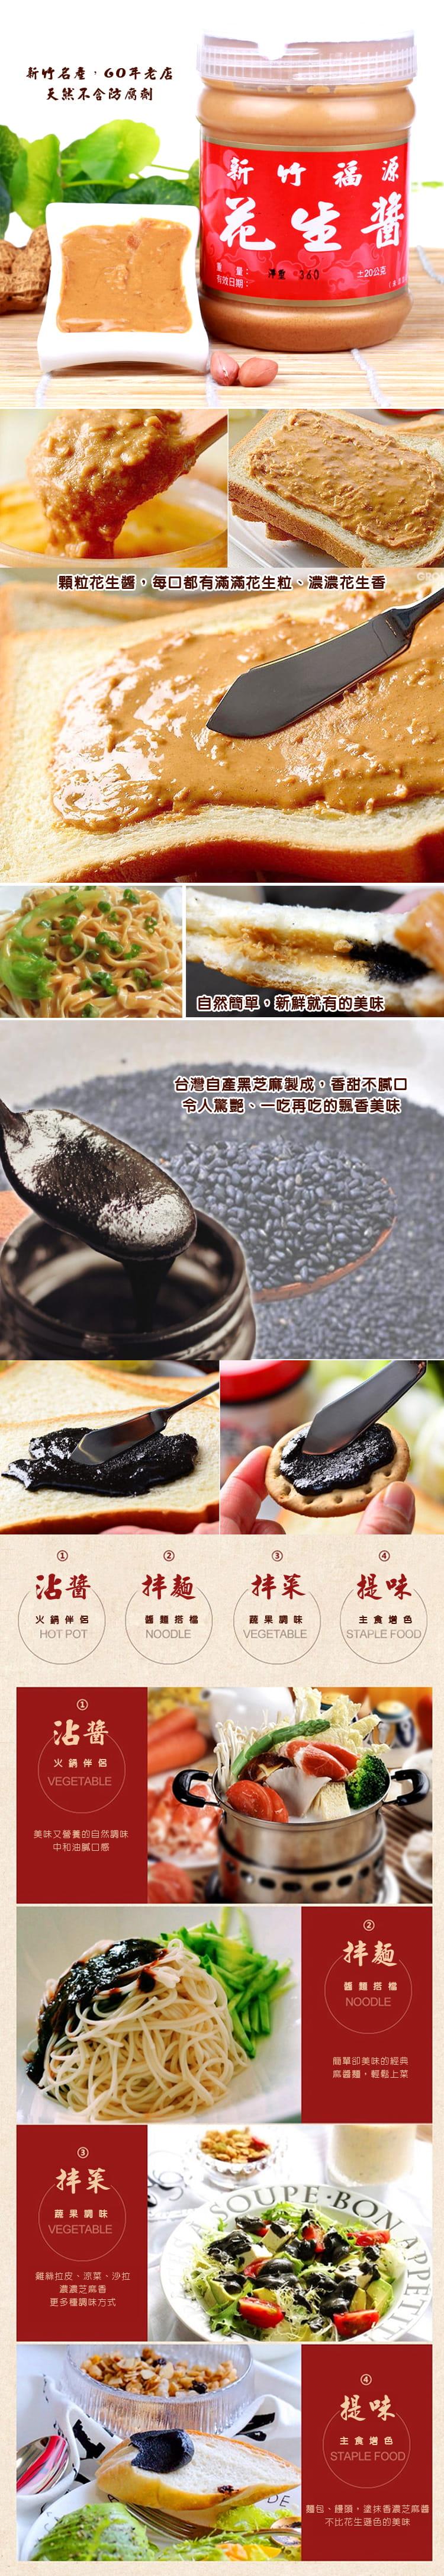 新竹福源顆粒花生醬/黑芝麻醬 1